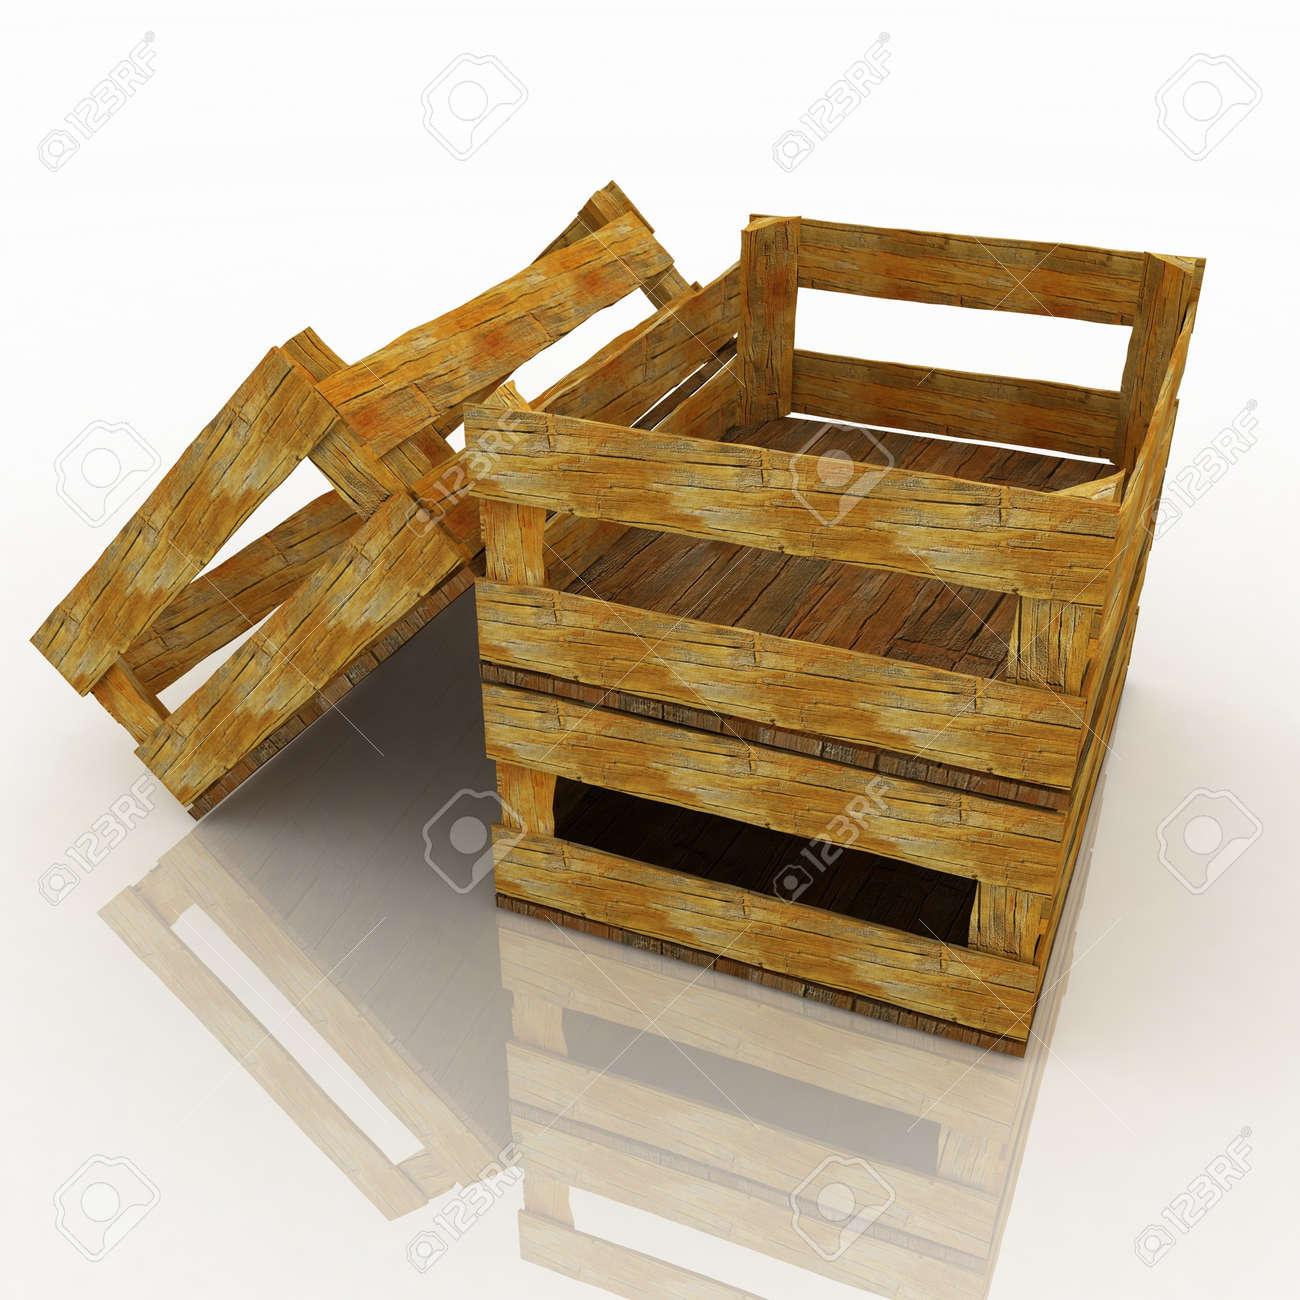 foto de archivo vaciar las cajas de madera para frutas y verduras